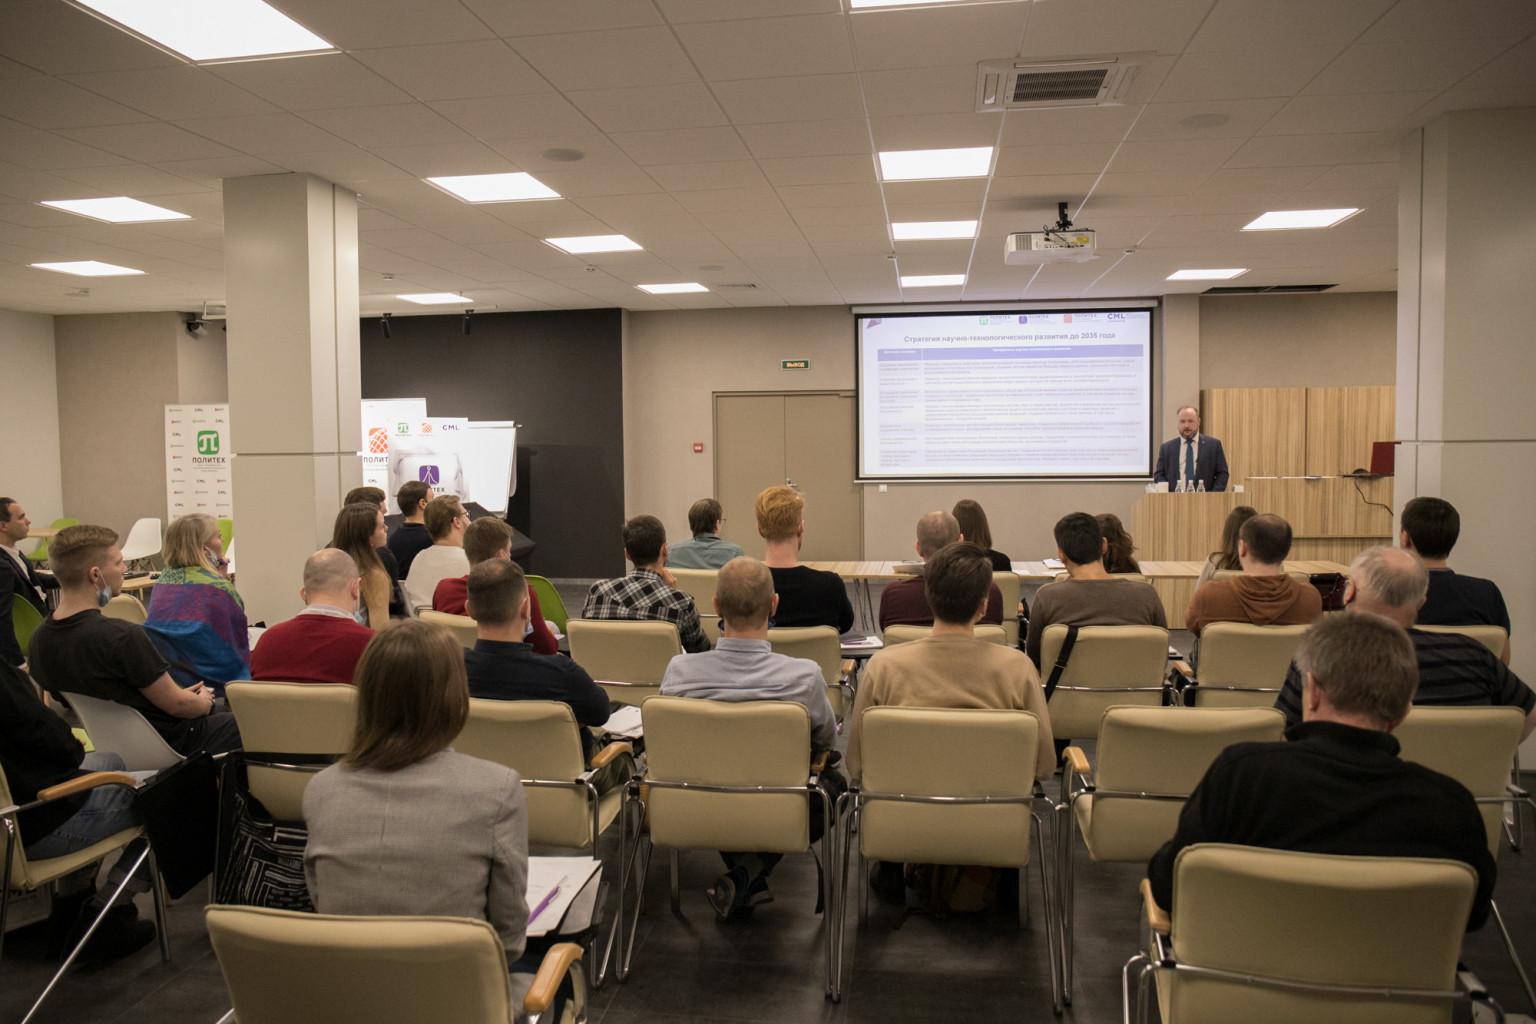 В СПбПУ стартовала программа подготовки инженерных проектных команд для цифровой трансформации промышленности